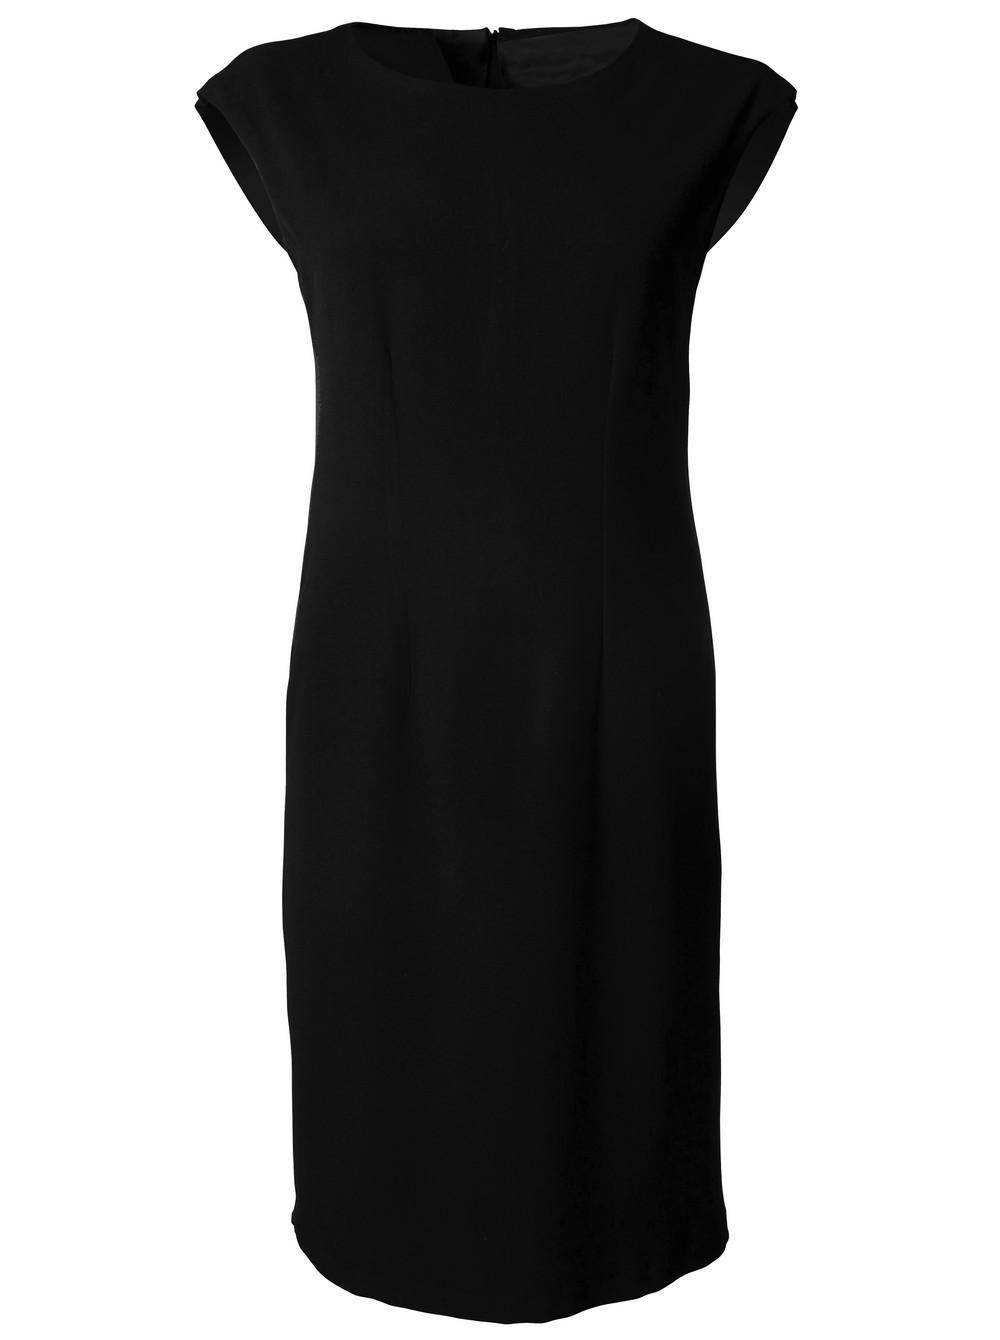 Kendal 599 S/less Dress - Black